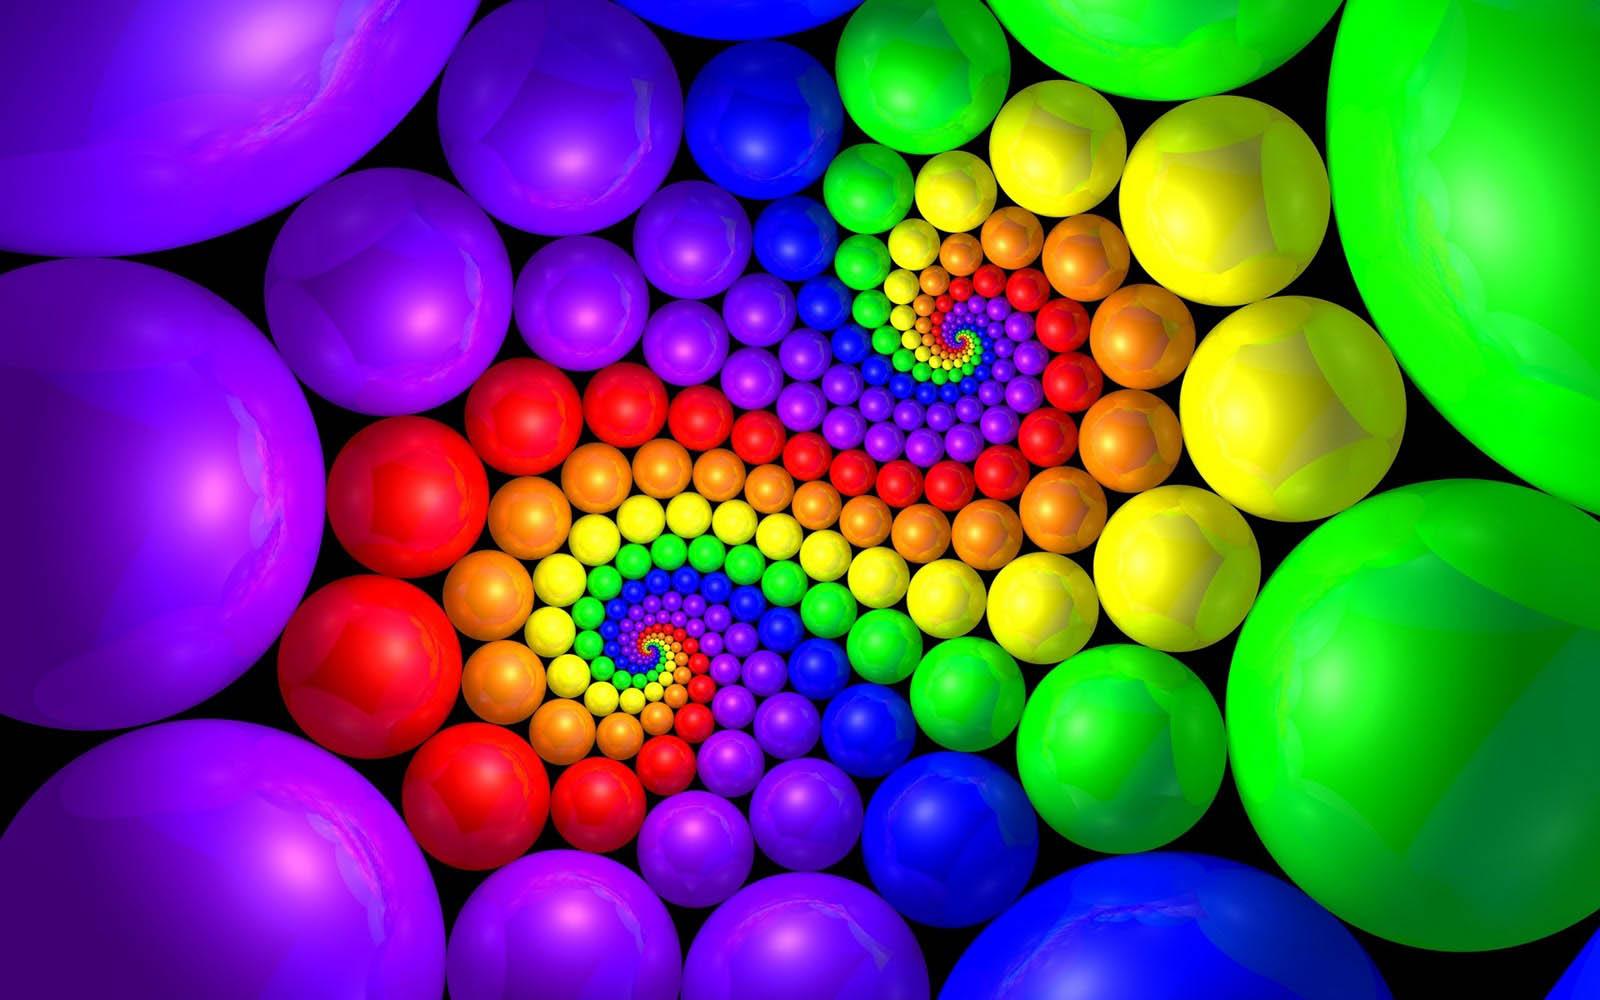 colorful desktop wallpaper